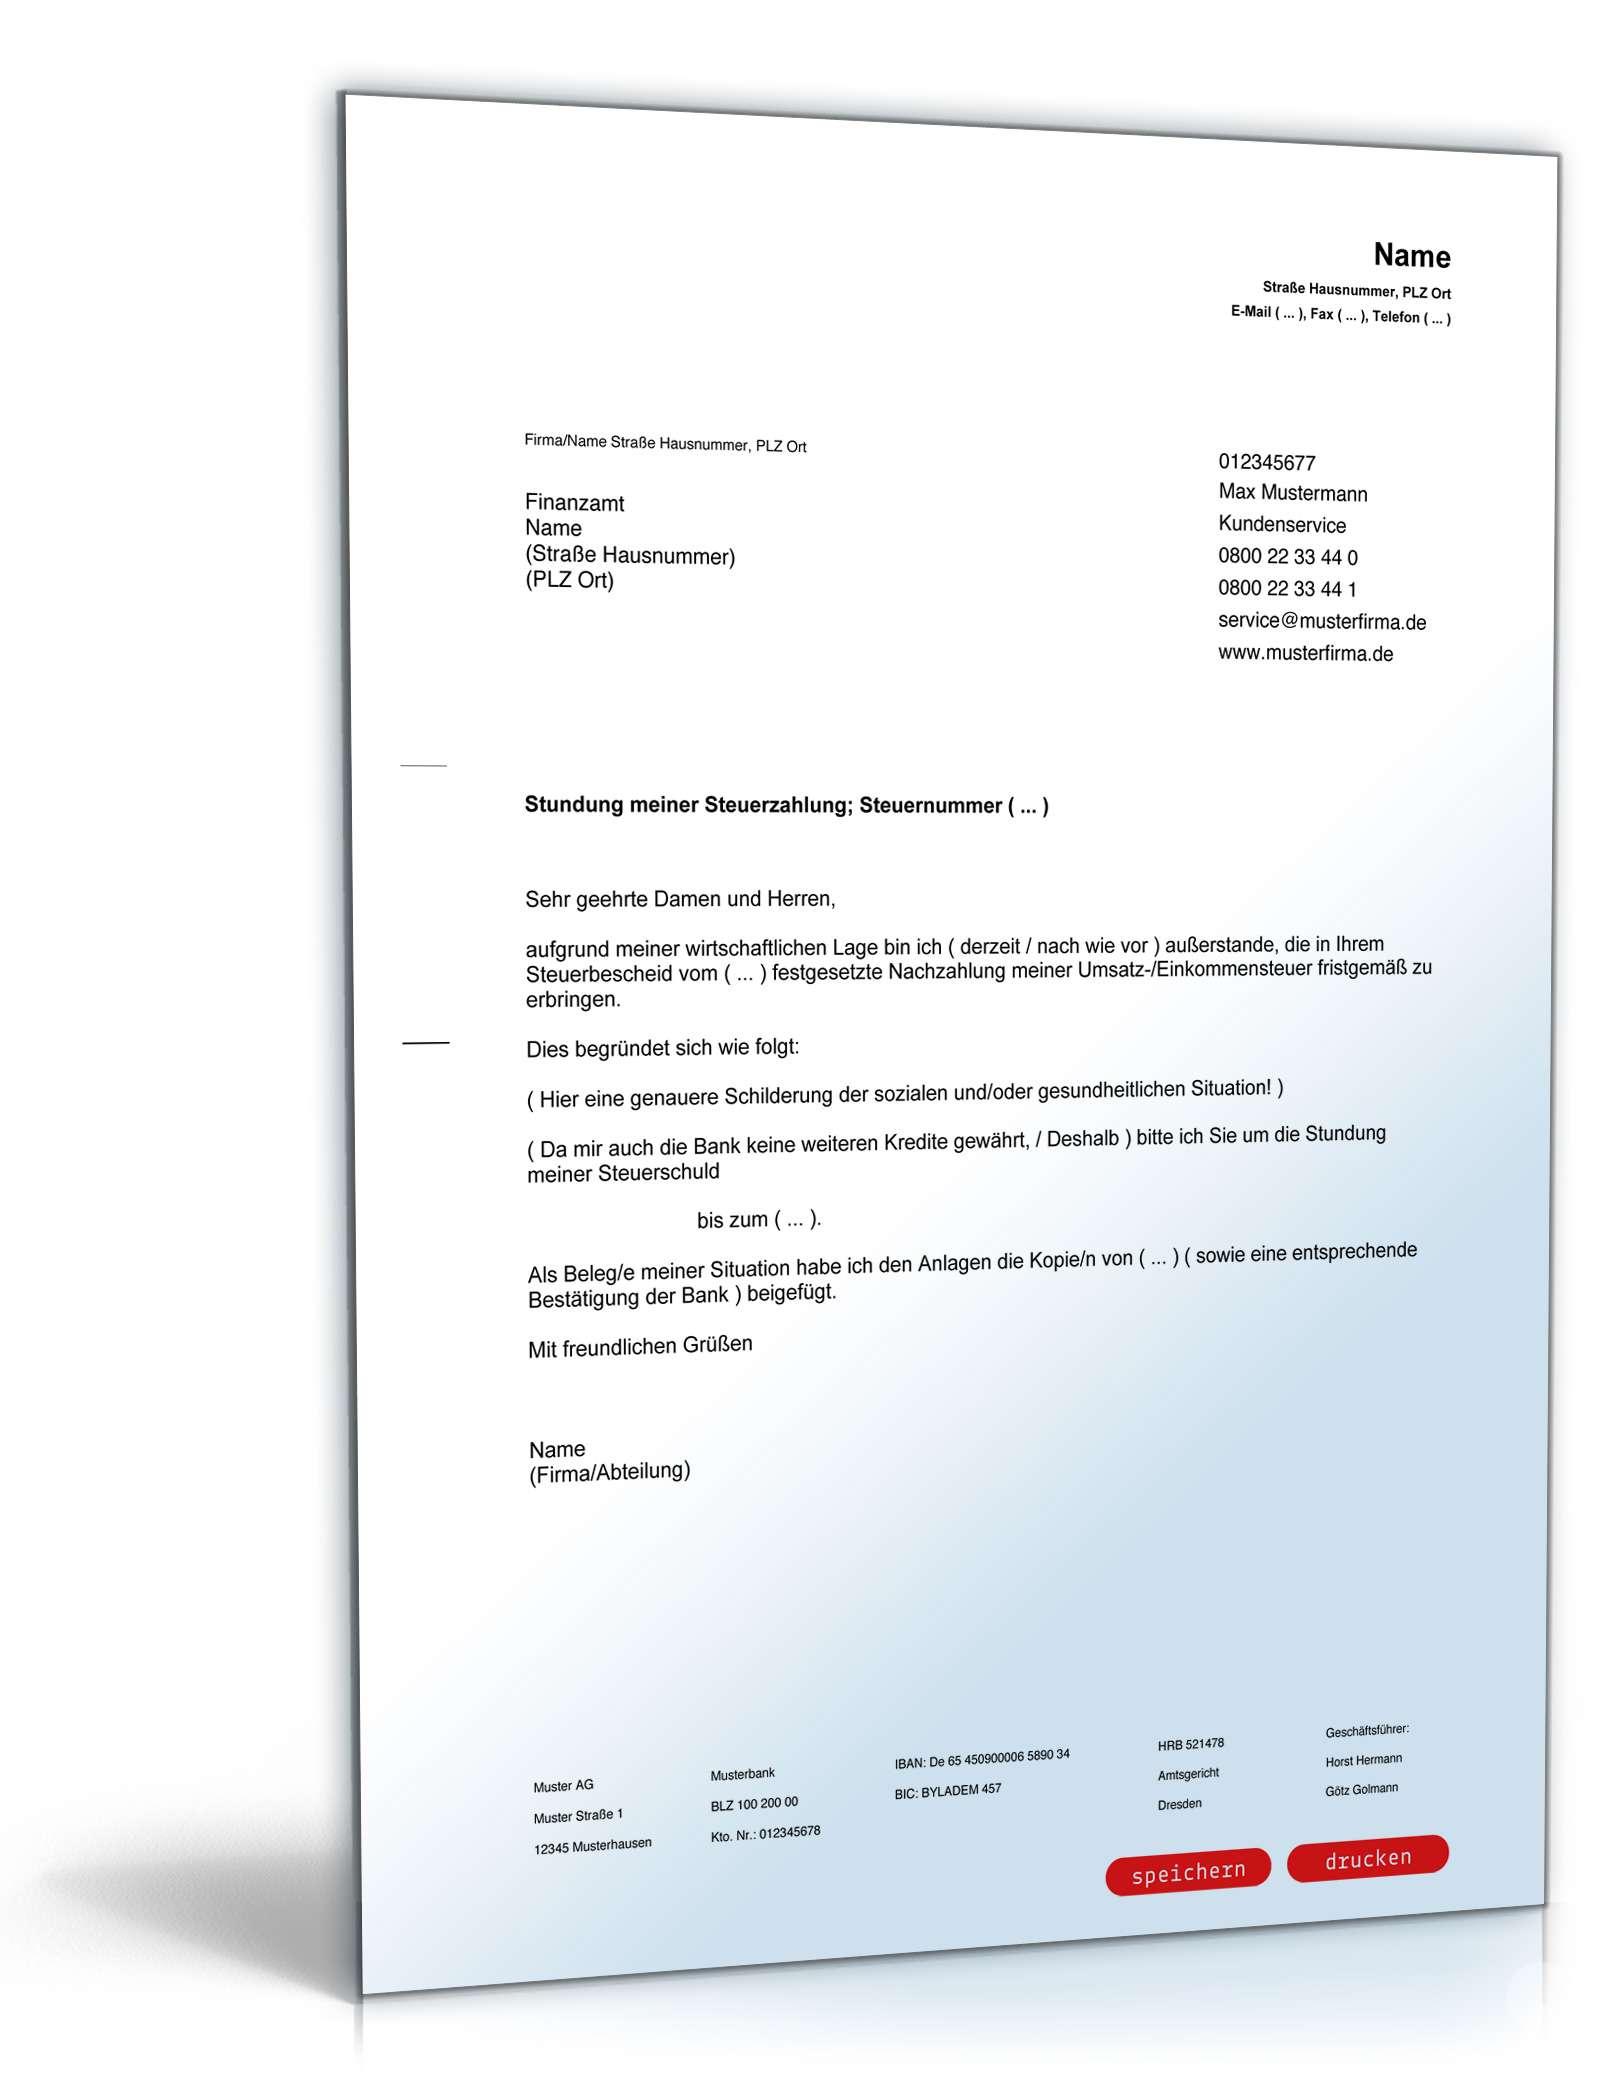 Ausgezeichnet Umsatzbericht Vorlage Ideen - Beispiel Wiederaufnahme ...